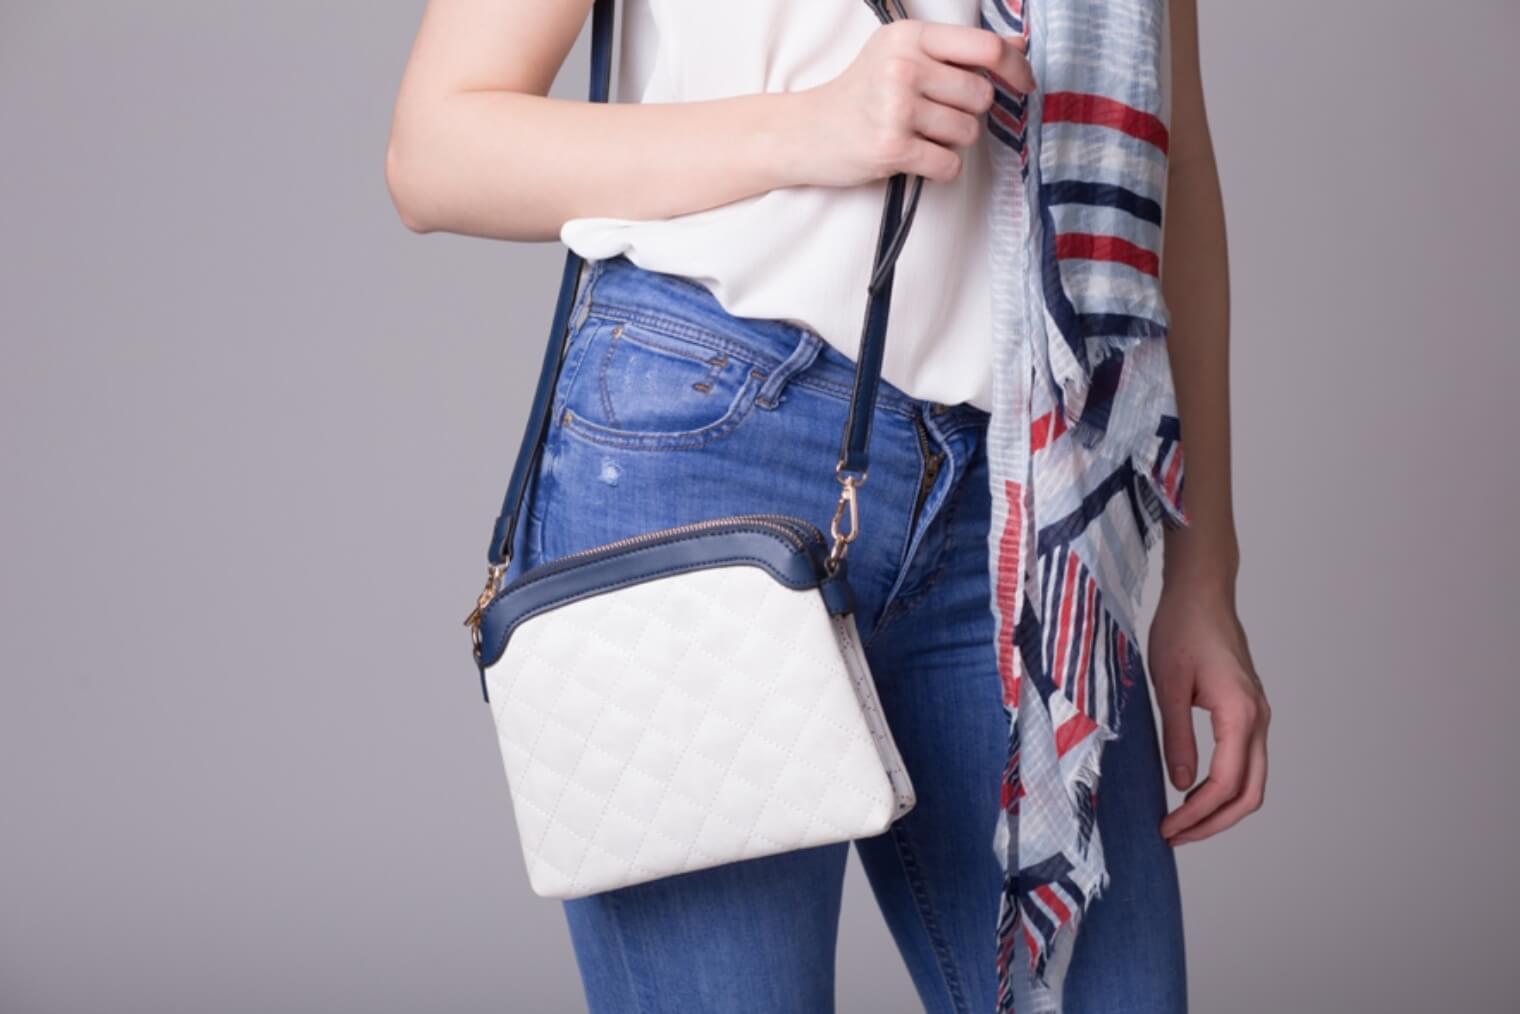 レディディオールやディオールのバッグの型崩れなしのお手入れ方法